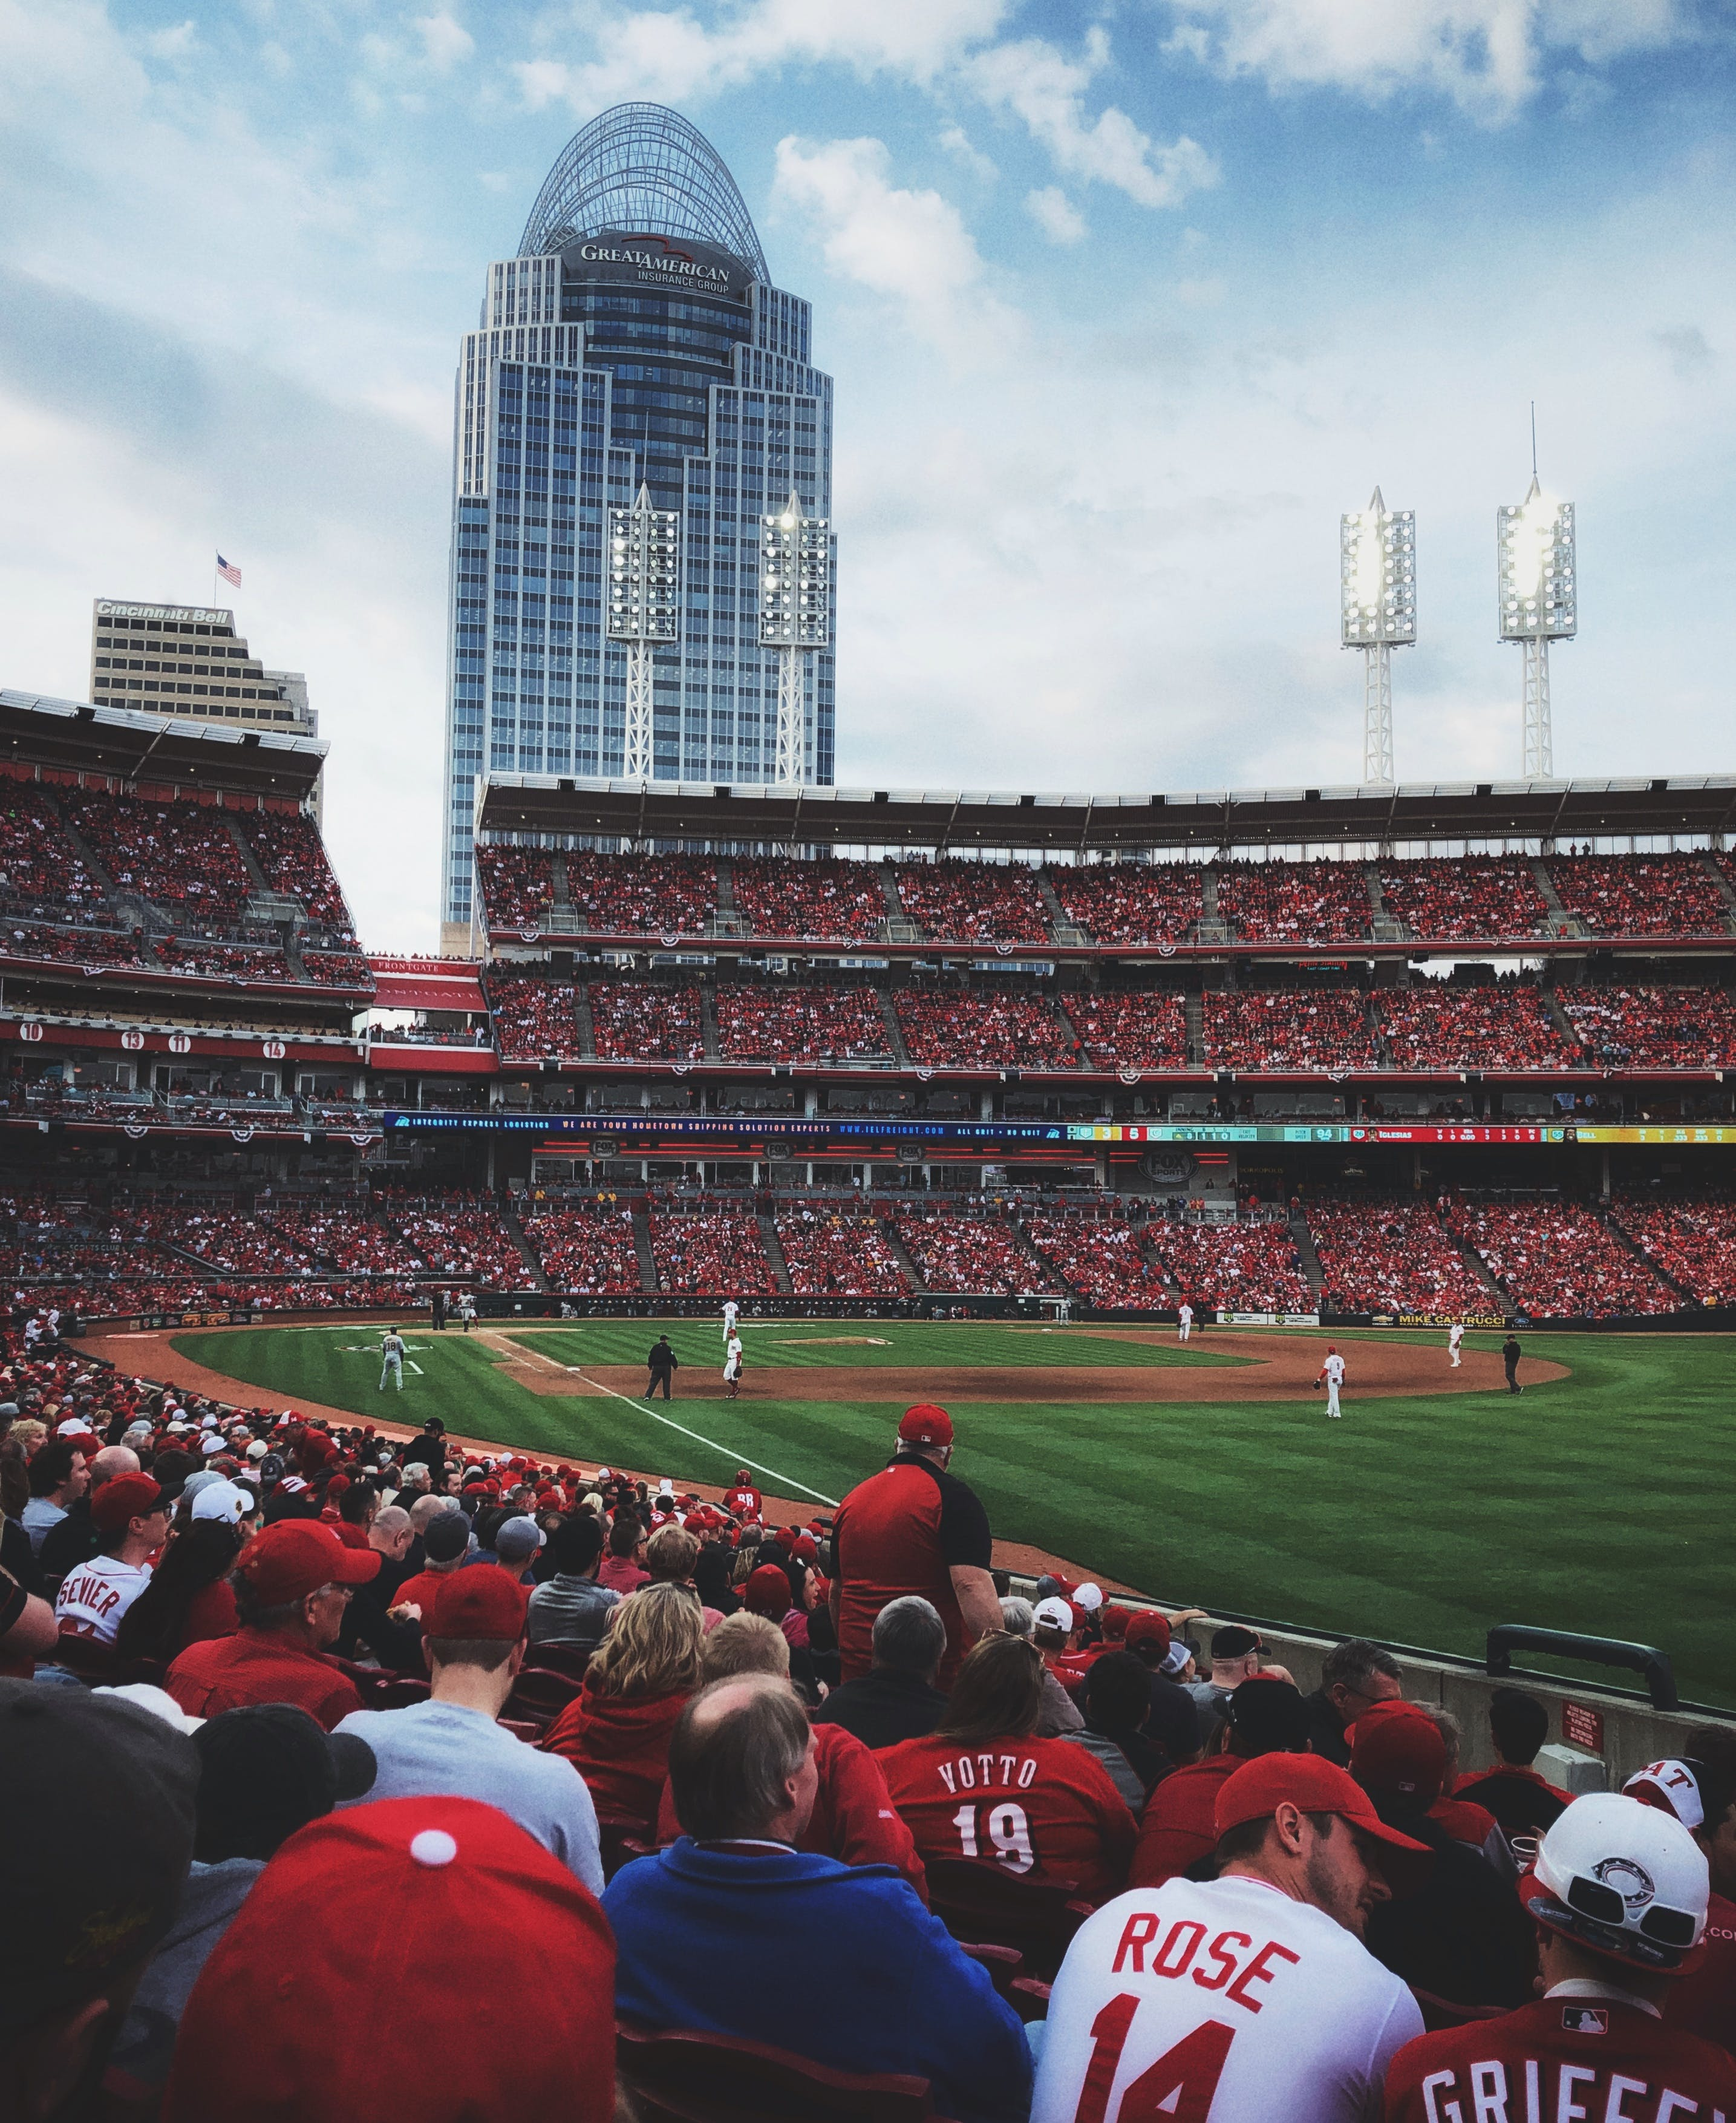 açık tribünler, alan, beyzbol, beyzbol oyuncuları içeren Ücretsiz stok fotoğraf